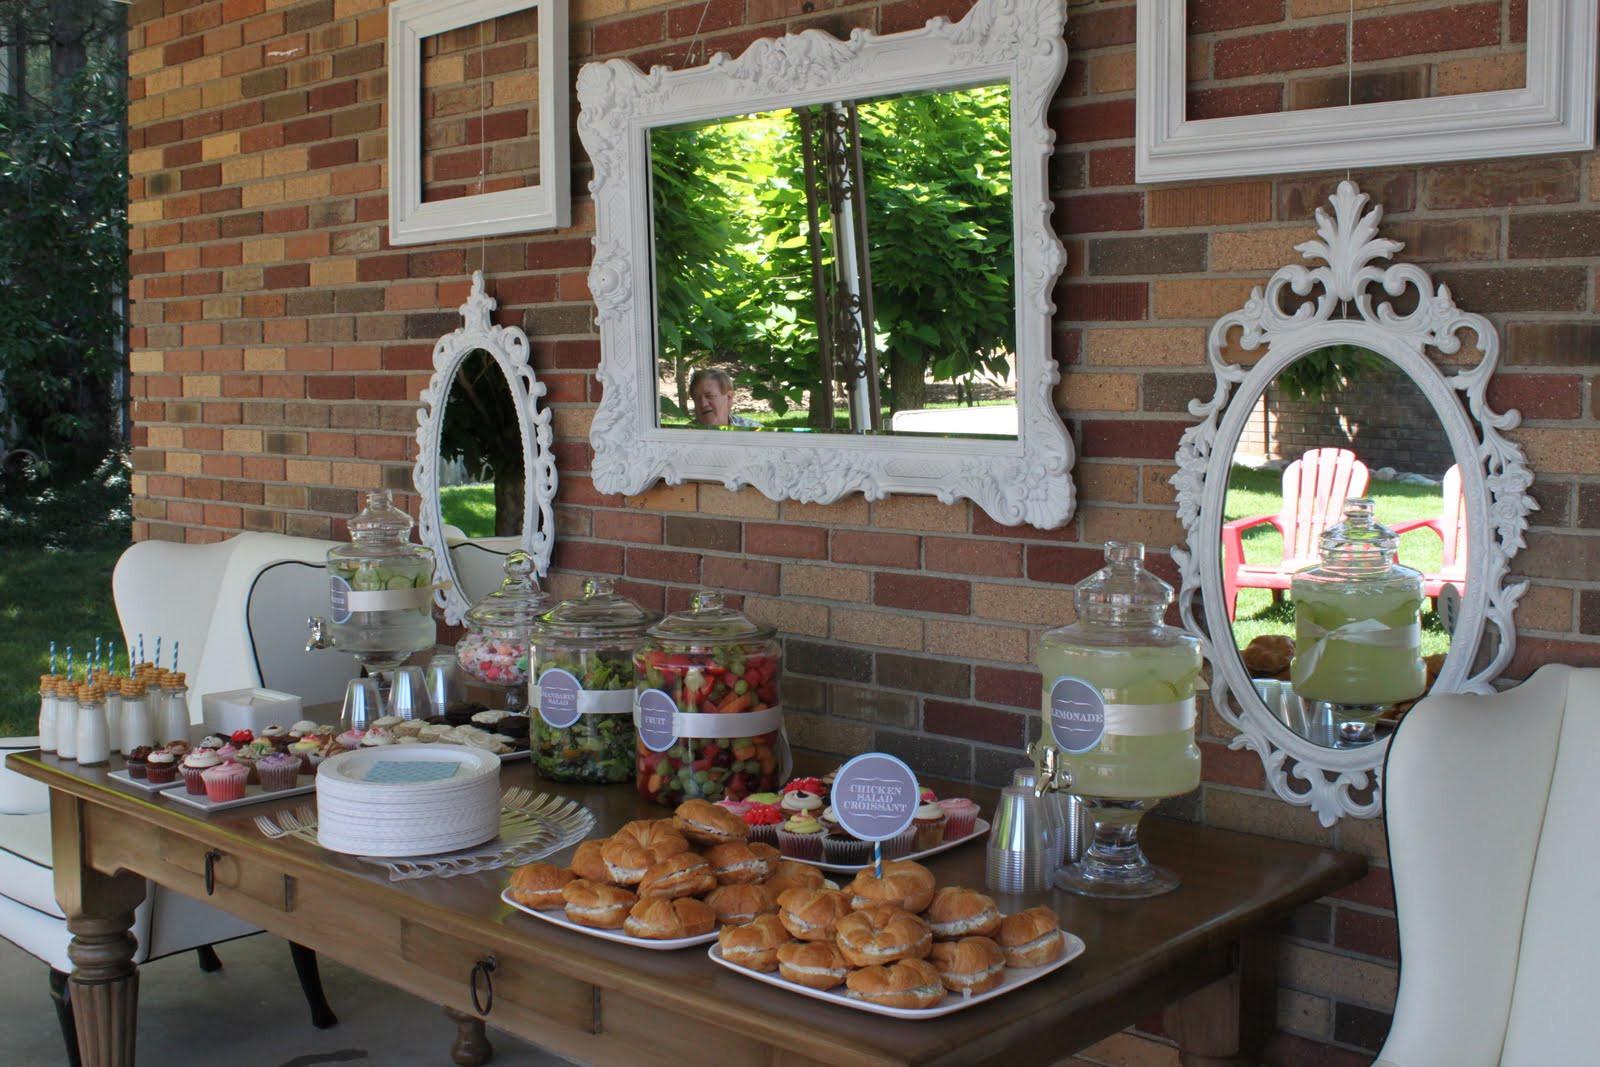 Backyard Party Menu Ideas  Party Ideas on Pinterest